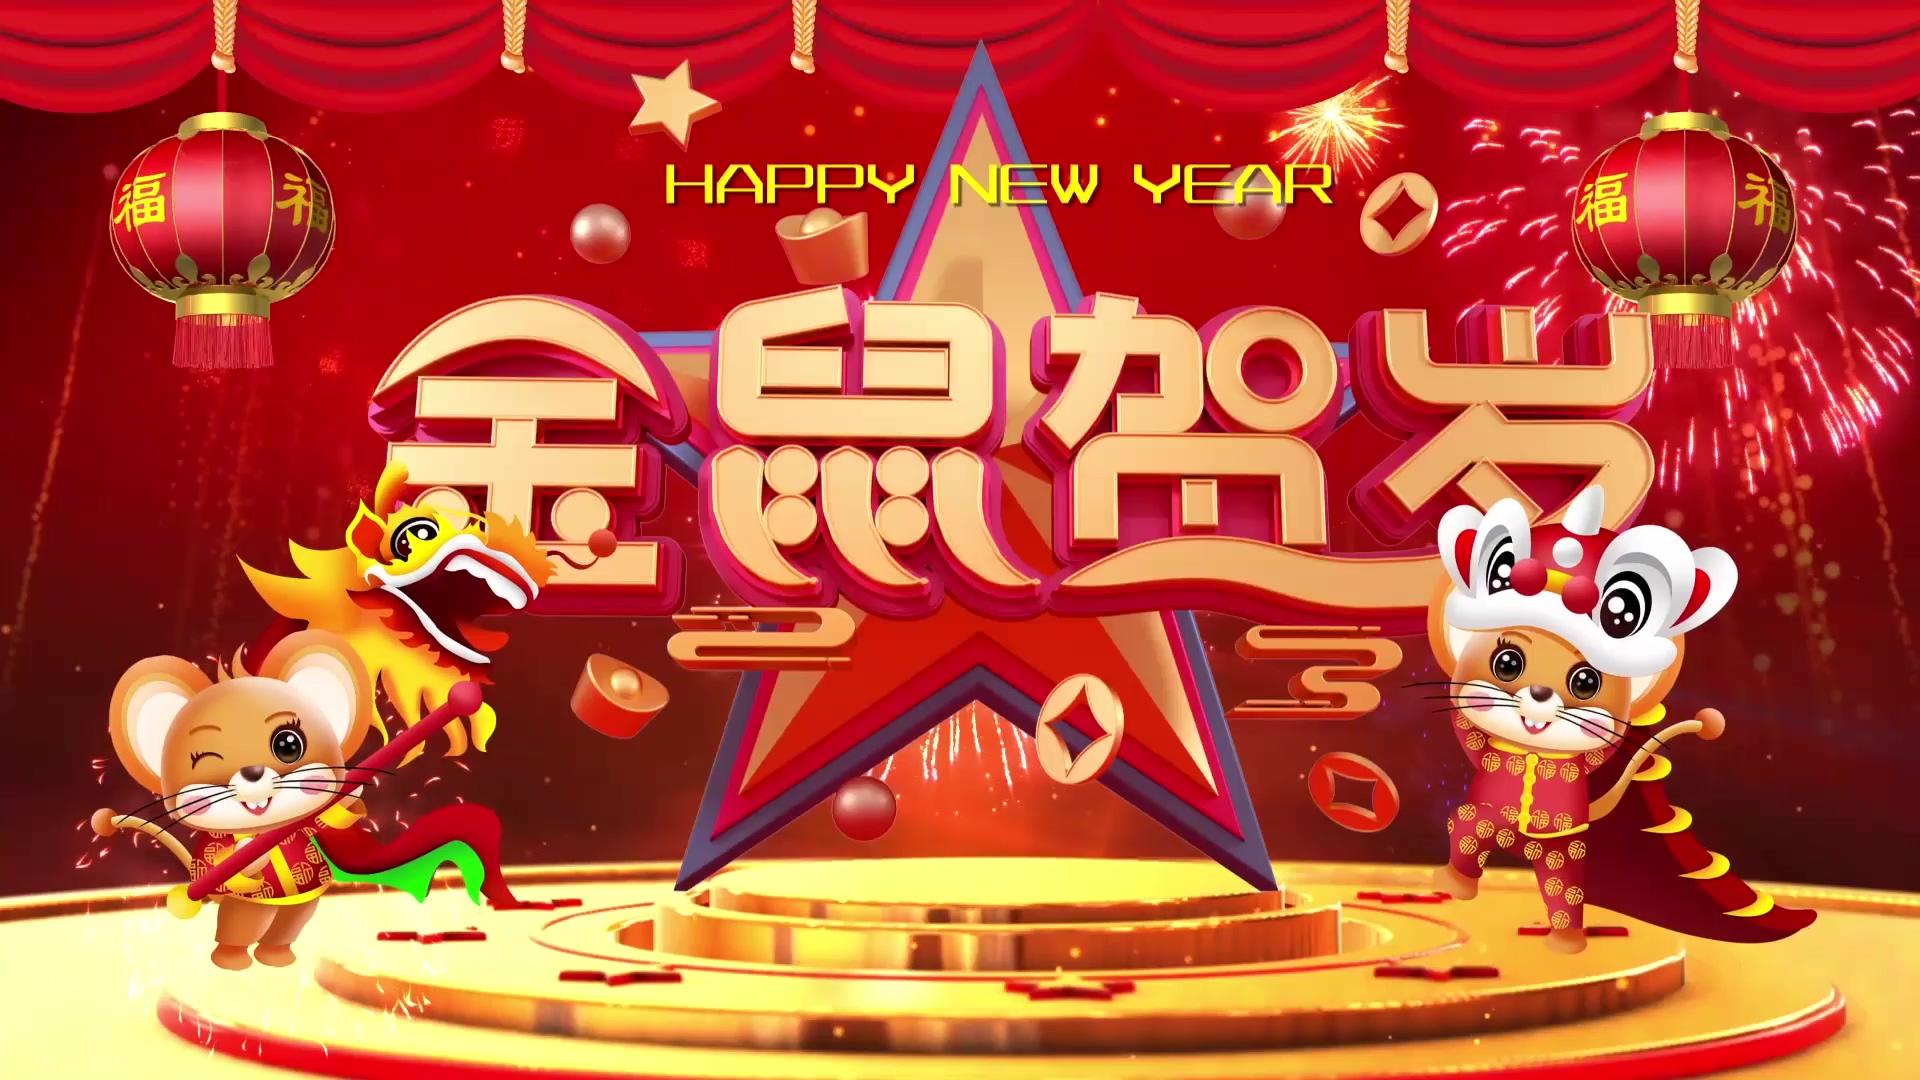 2020年春节祝福金鼠贺岁视频